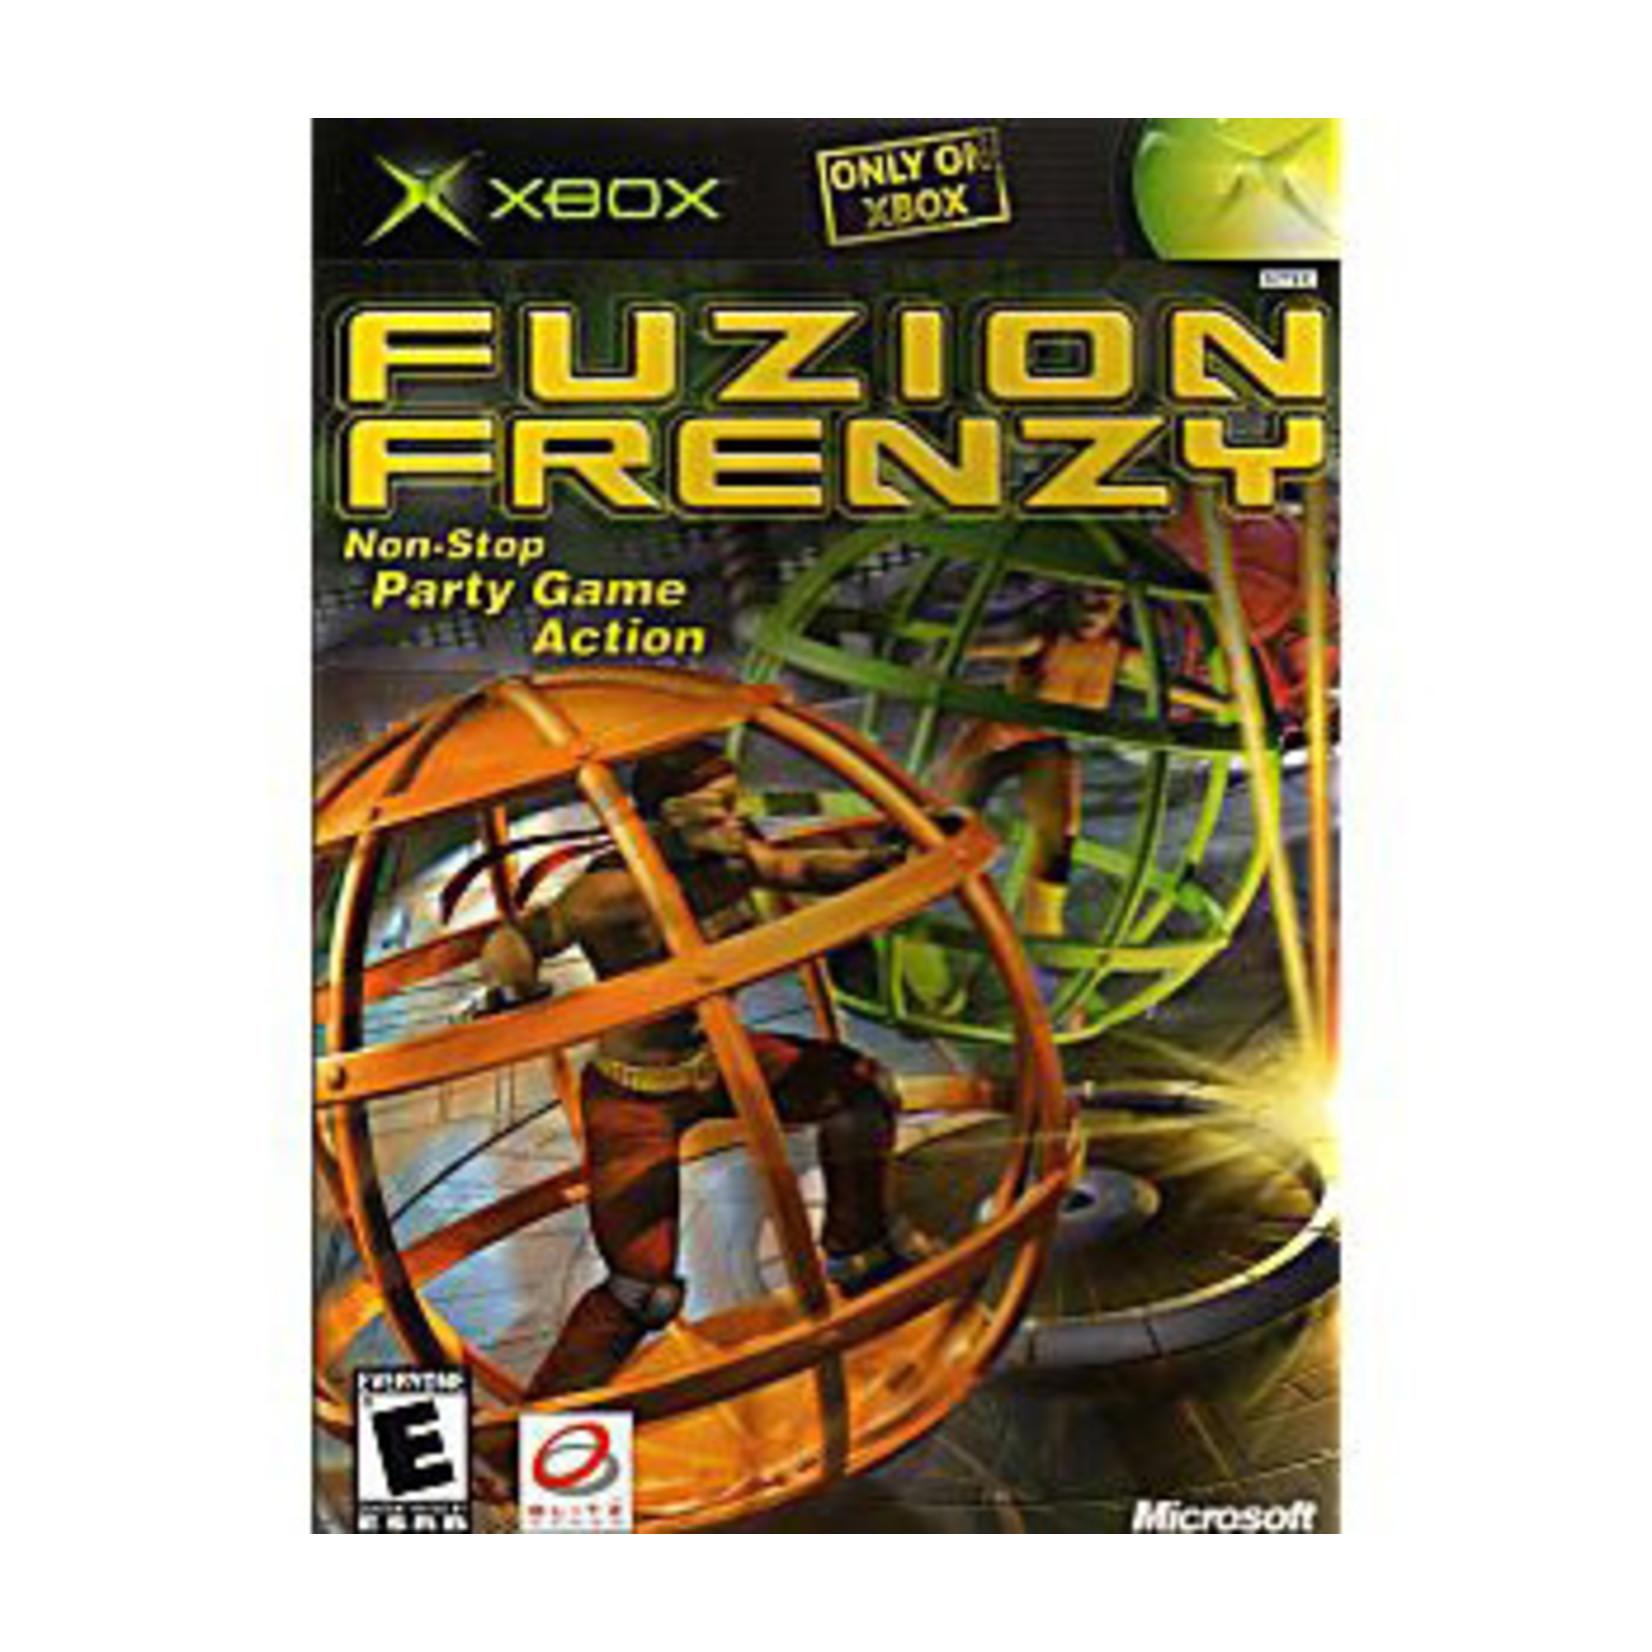 XBU-FUZION FRENZY